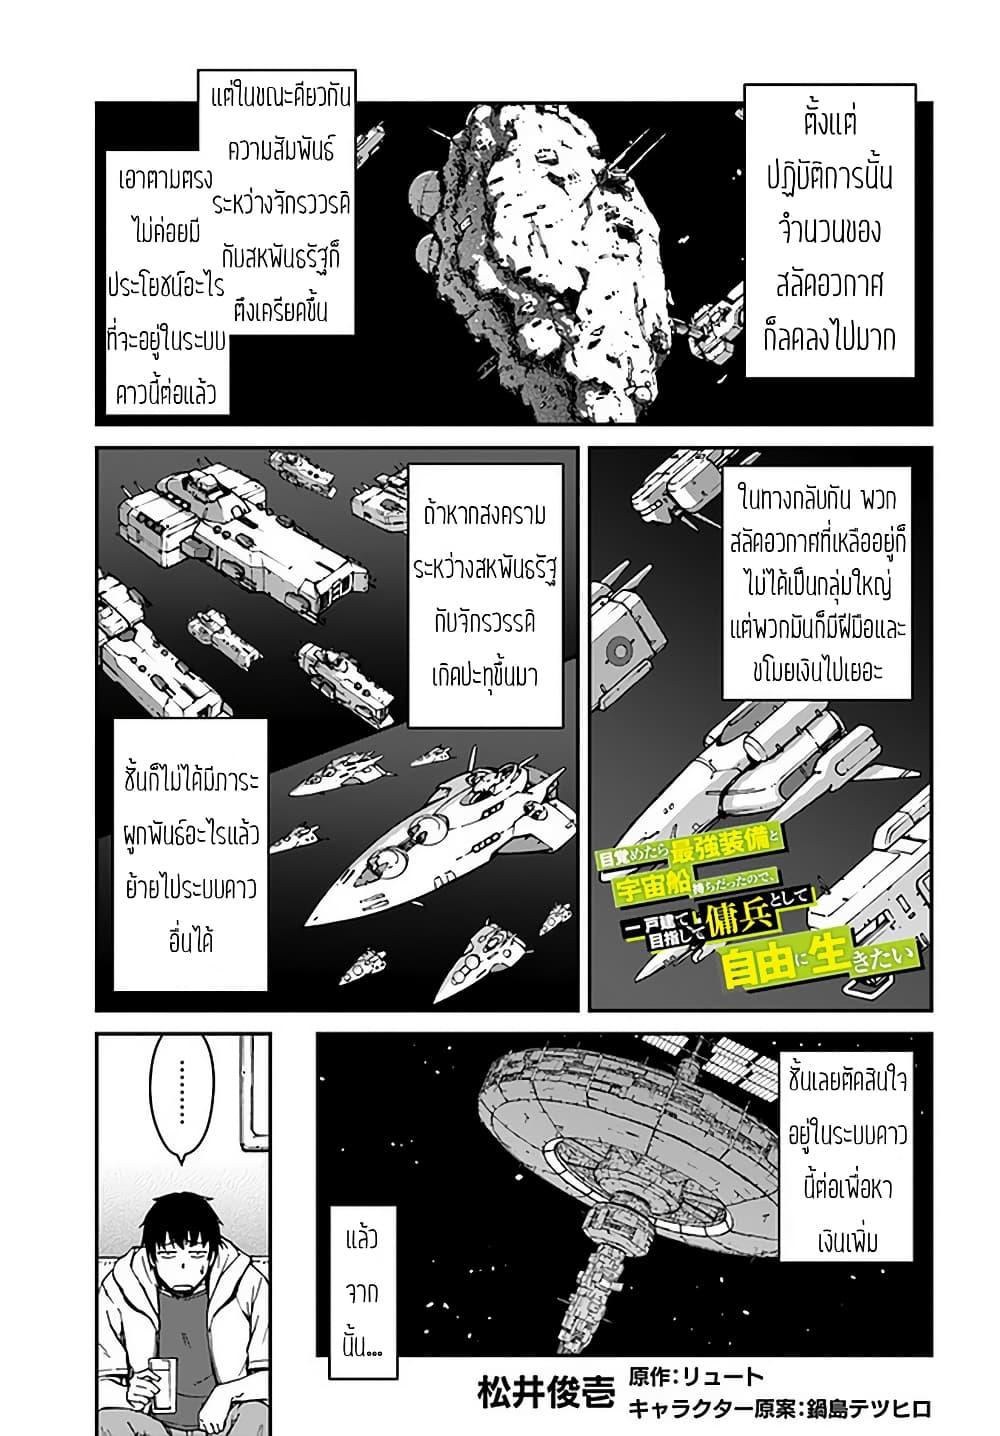 อ่านการ์ตูน Mezametara saikyou soubi to uchuusen-mochi datta no de, ikkodate mezashite youhei toshite jiyuu ni ikitai ตอนที่ 9.1 หน้าที่ 1